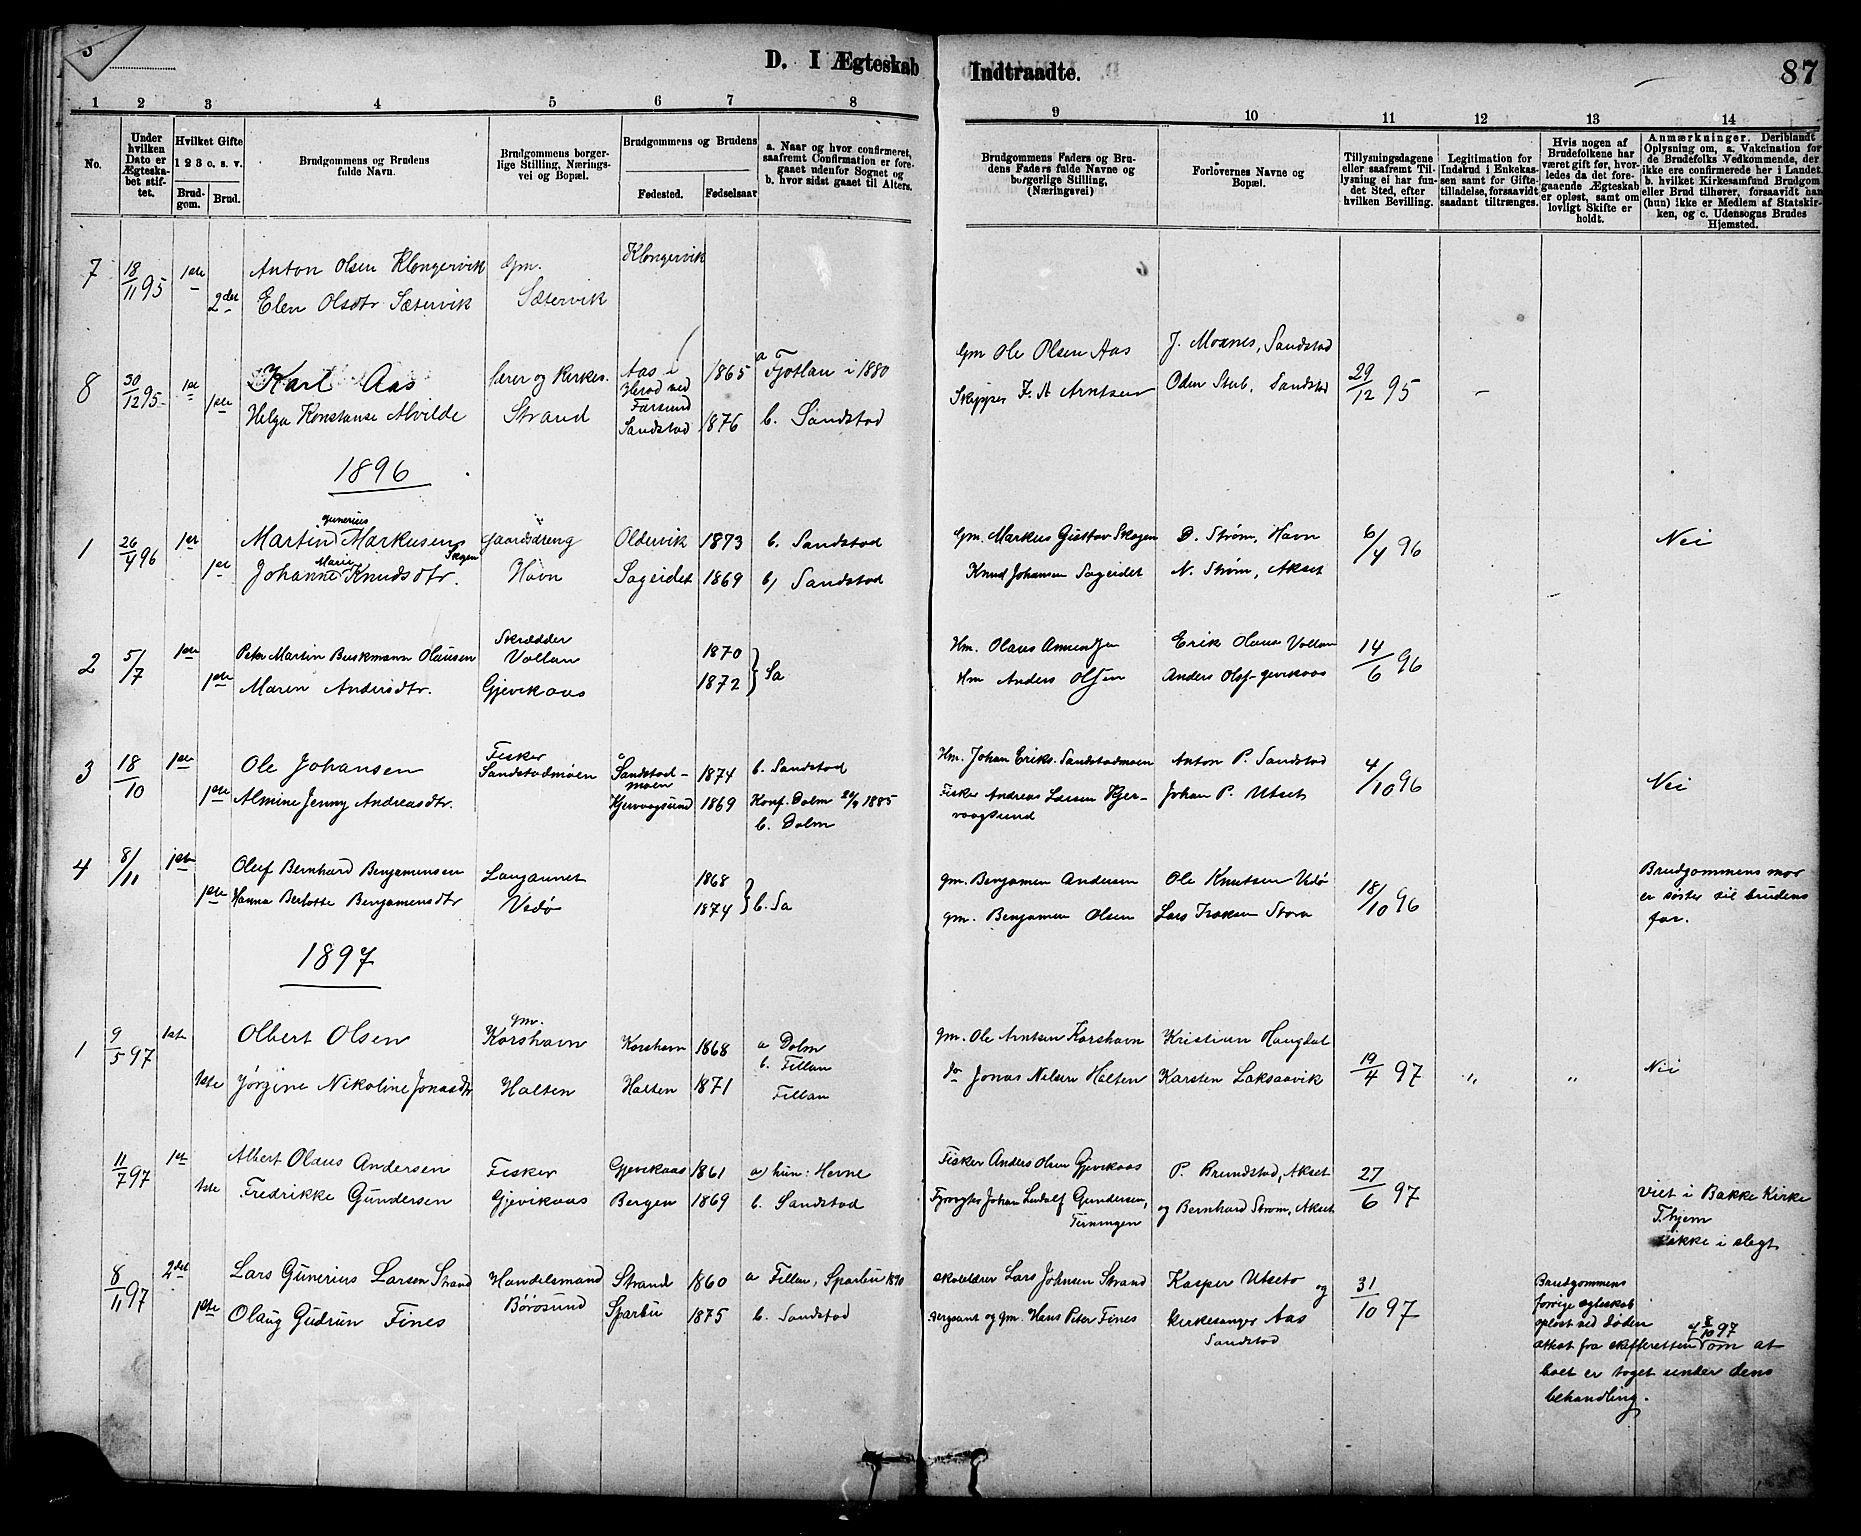 SAT, Ministerialprotokoller, klokkerbøker og fødselsregistre - Sør-Trøndelag, 639/L0573: Klokkerbok nr. 639C01, 1890-1905, s. 87